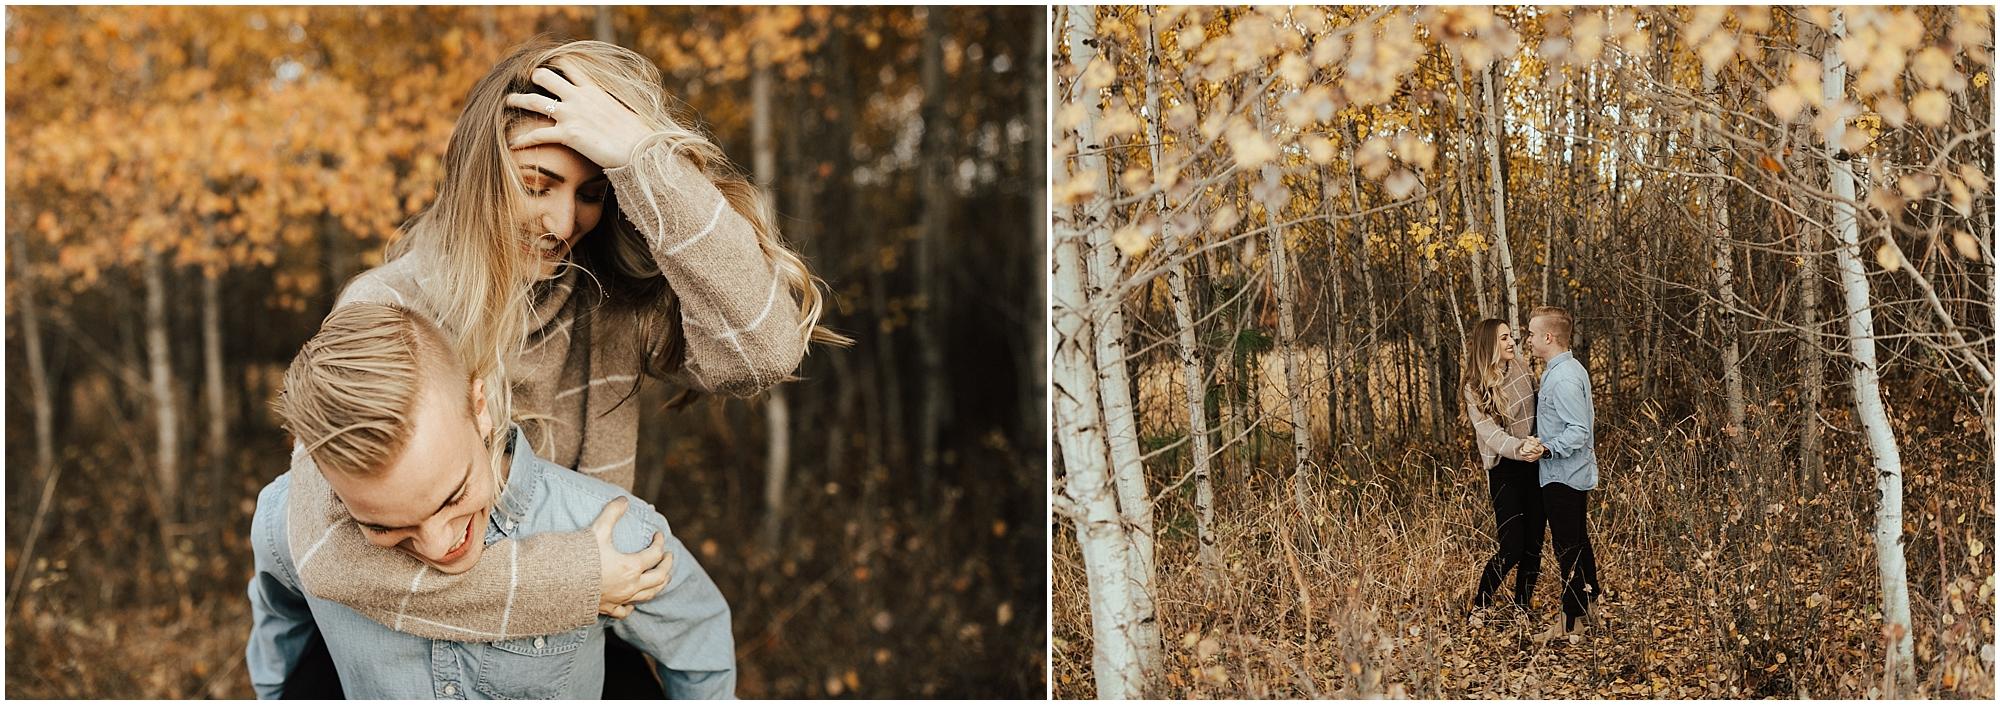 Spokane Cassie Trottier Photography_2673.jpg